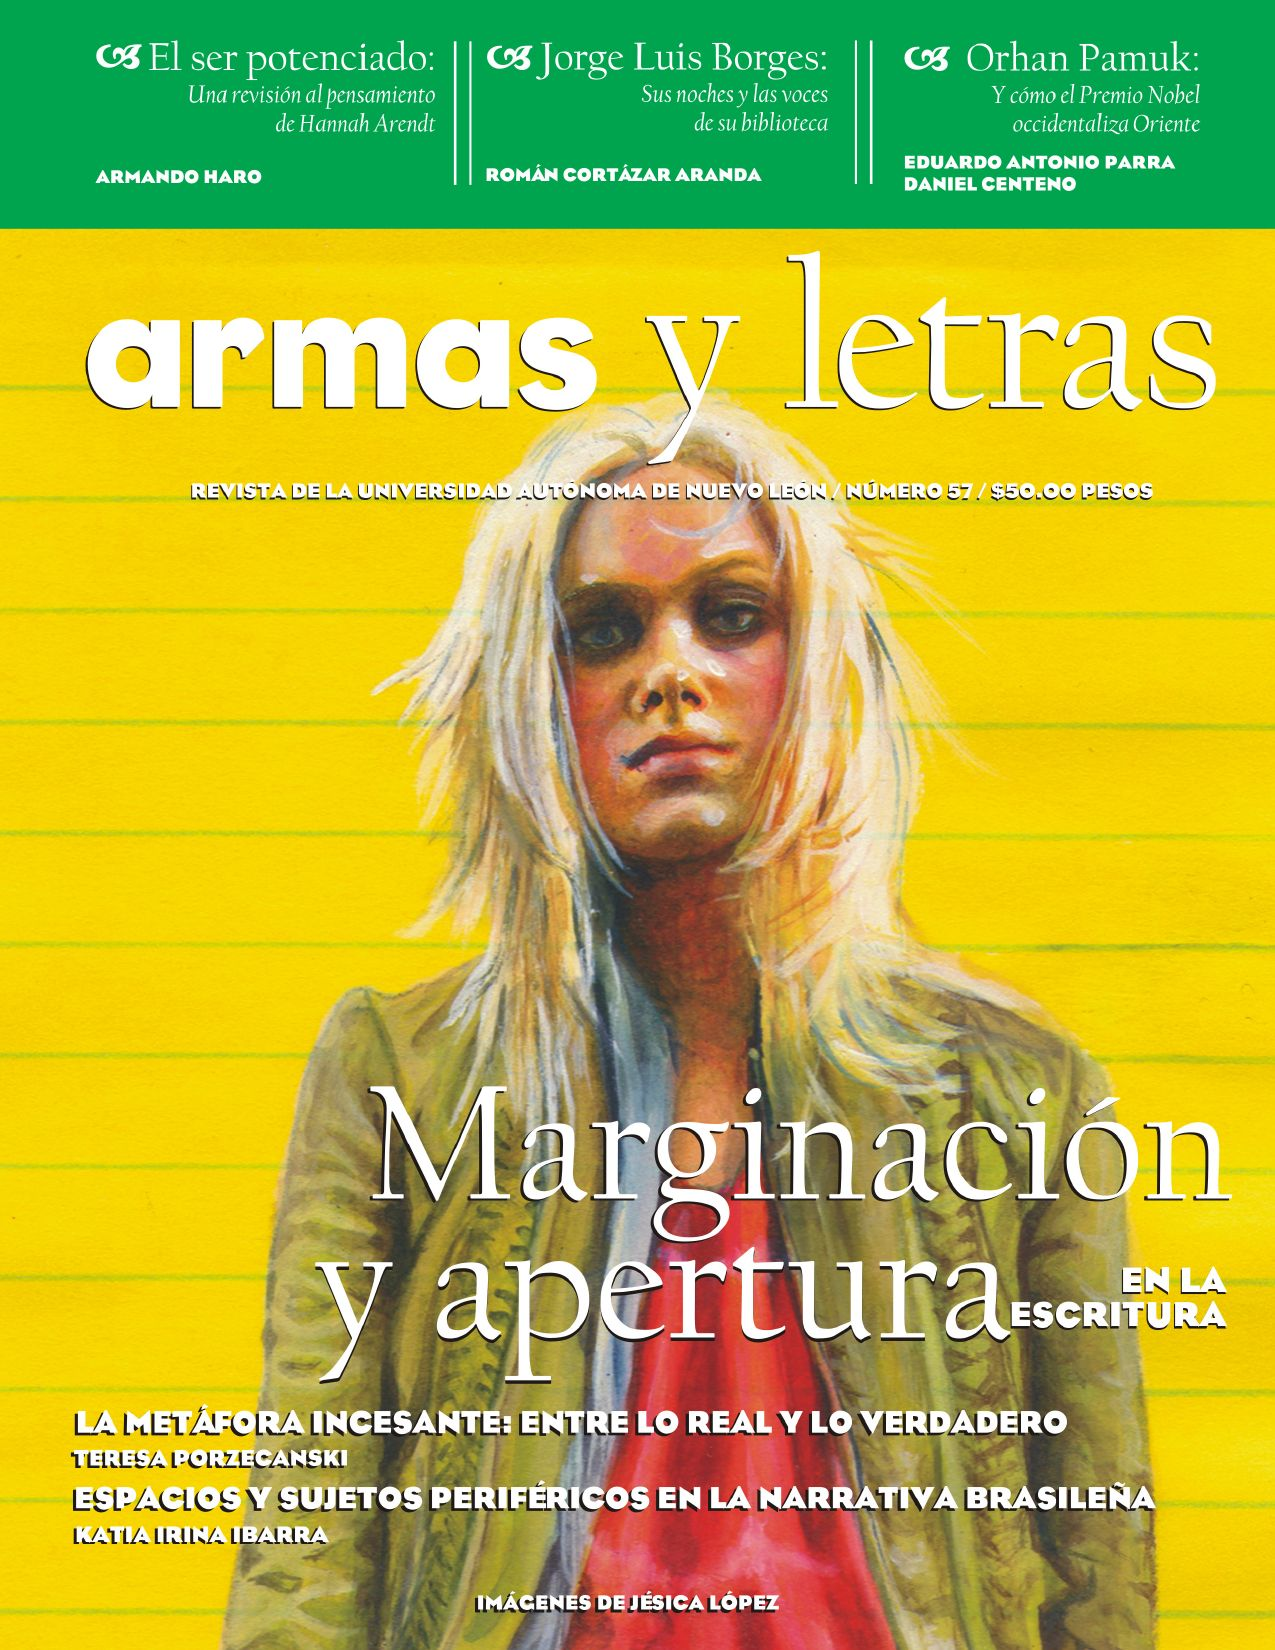 Armas y Letras by armas y letras - issuu